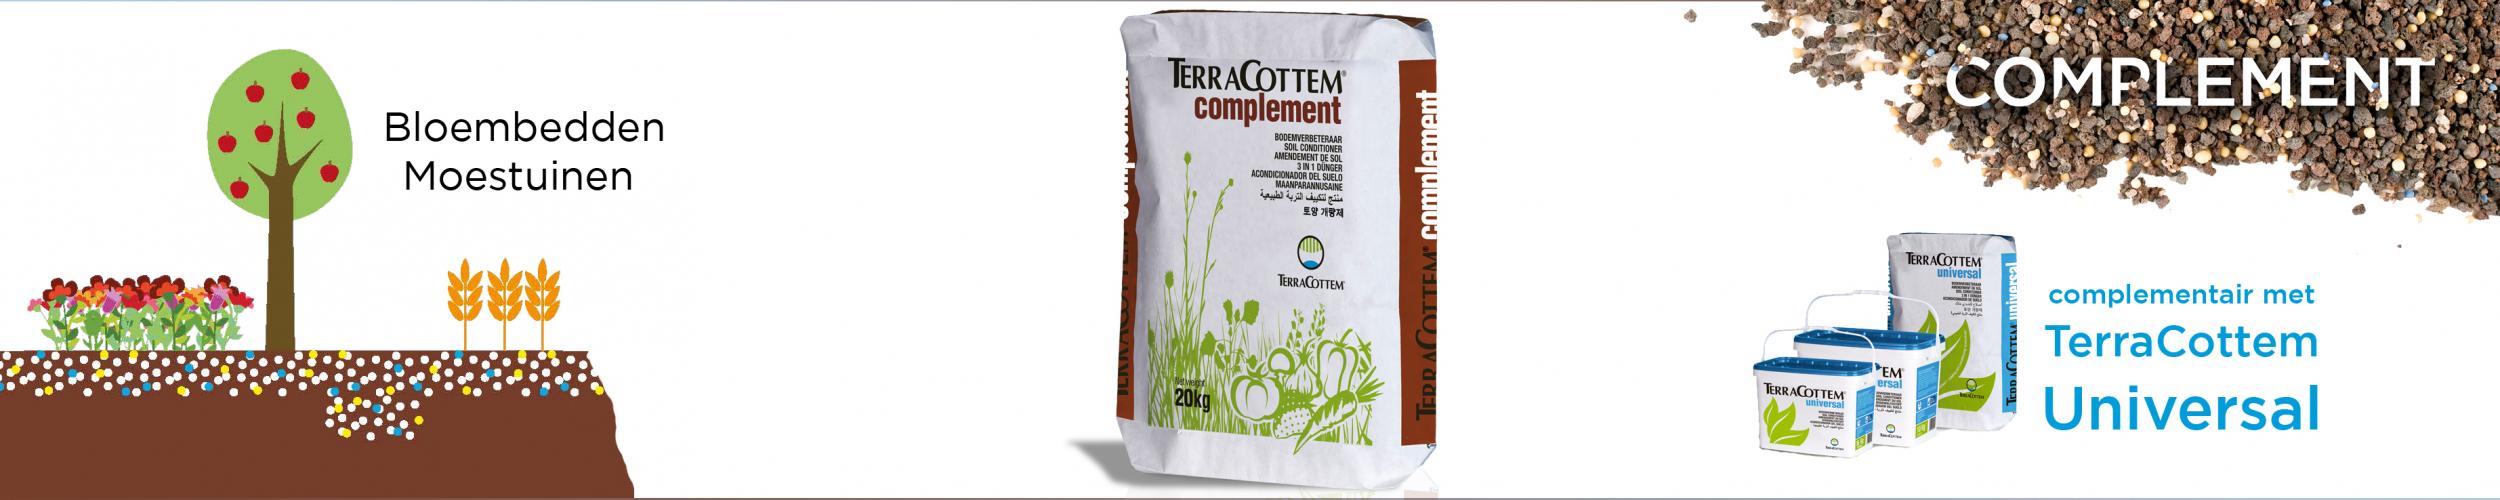 TerraCottem Complement - 20kg